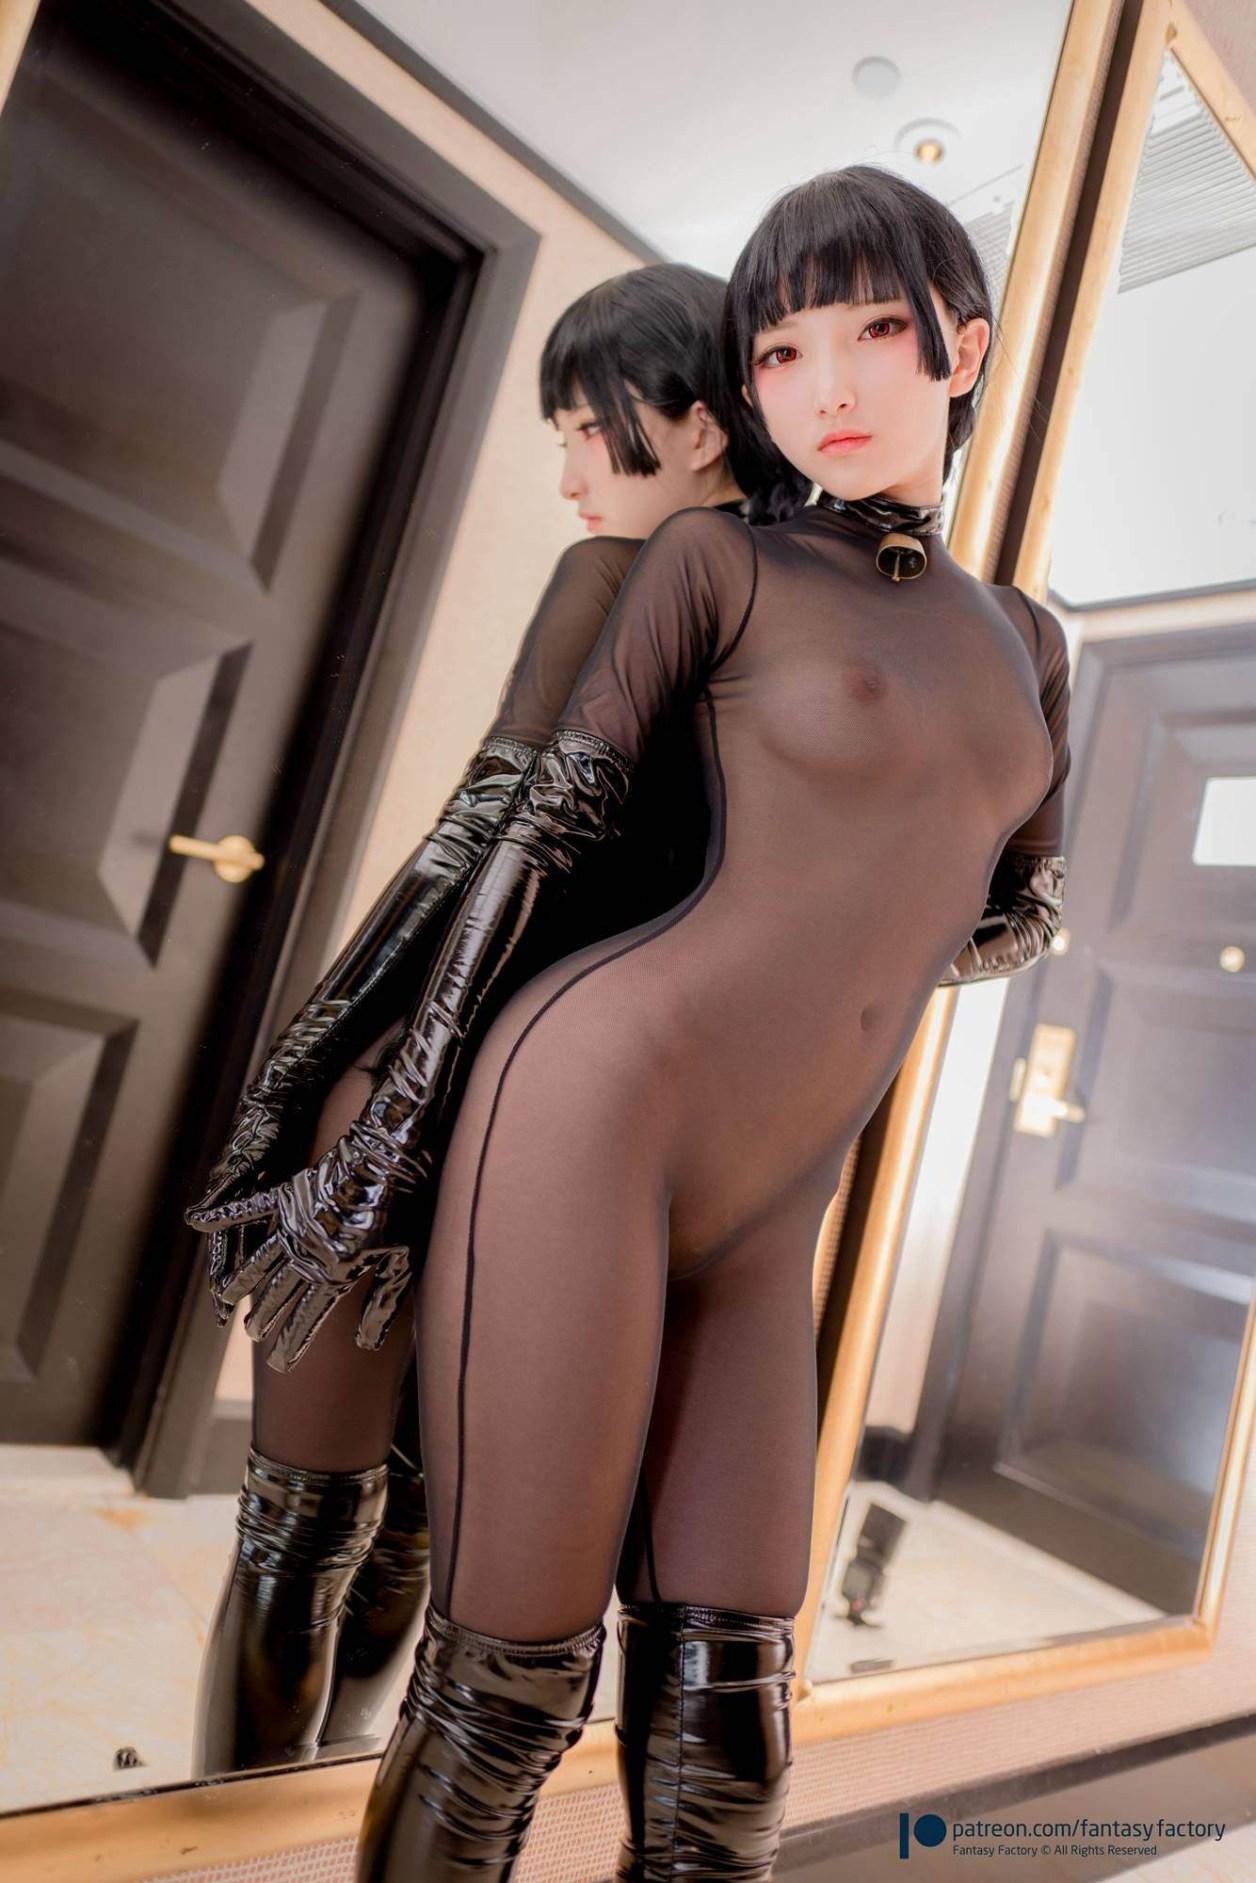 台湾超人気コスプレイヤーのエロ画像 小丁こまち Kochou2tw-006